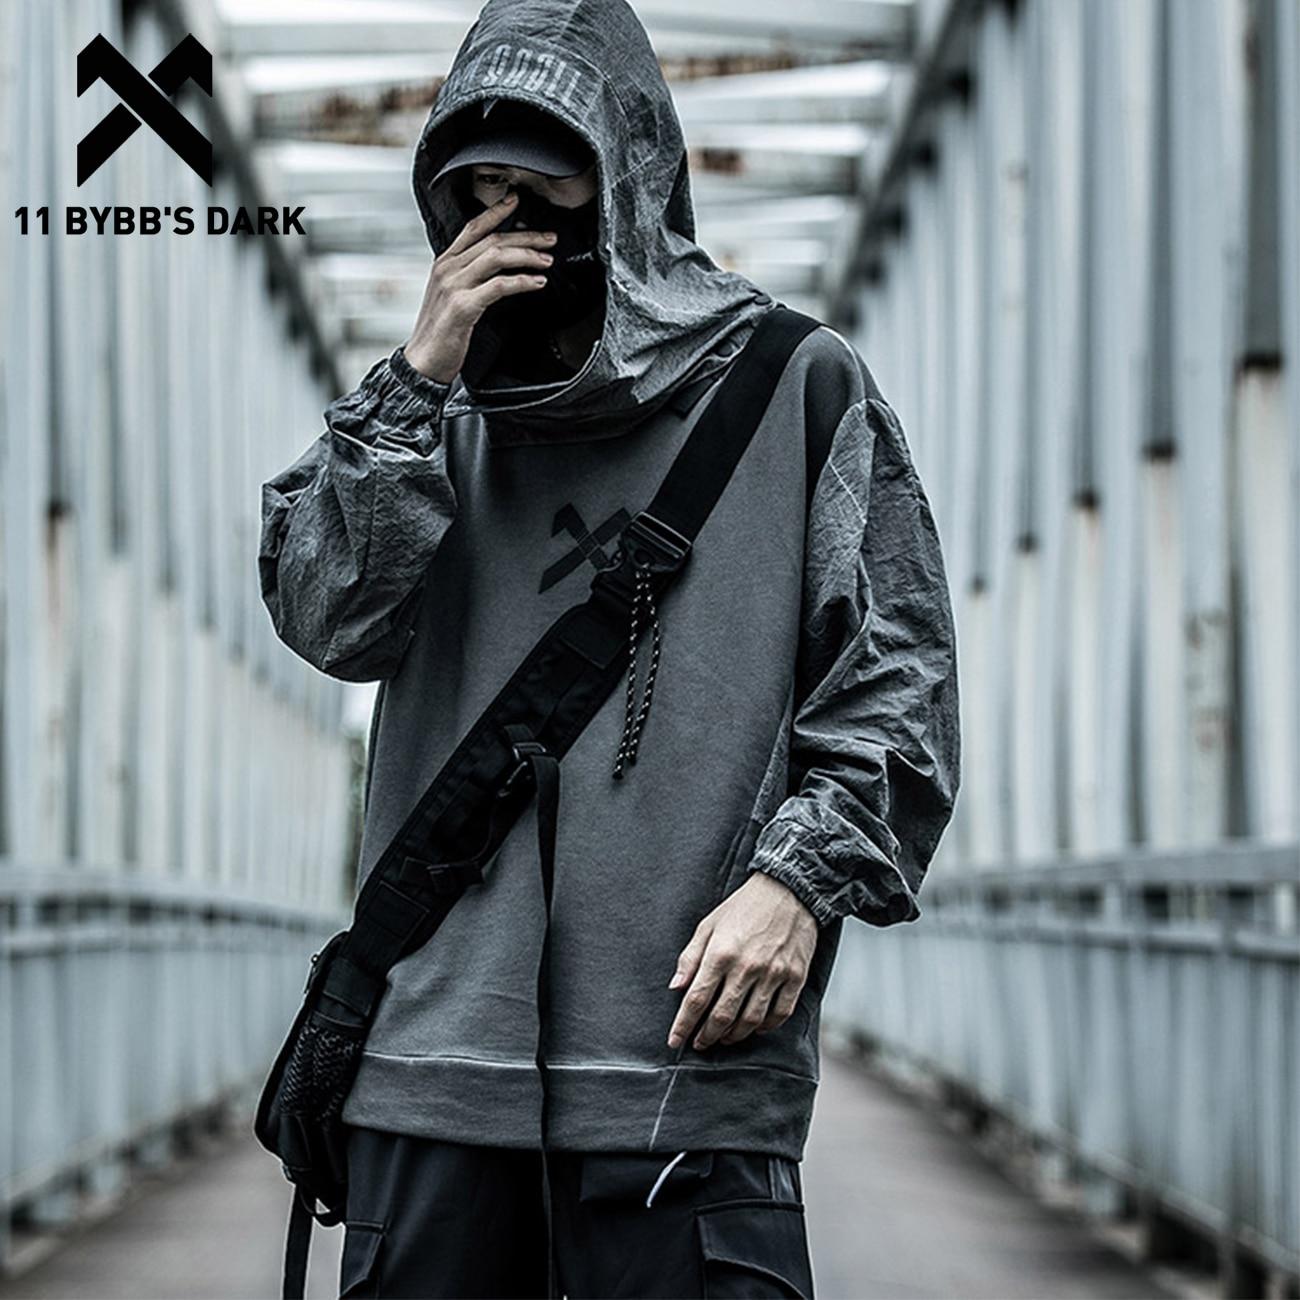 11 BYBB'S DARK Hip Hop Streetwear Hoodie Sweatshirts Men 2020SS Autumn Removable Vintage Hoodie Casual Harajuku Hoodie Pullover